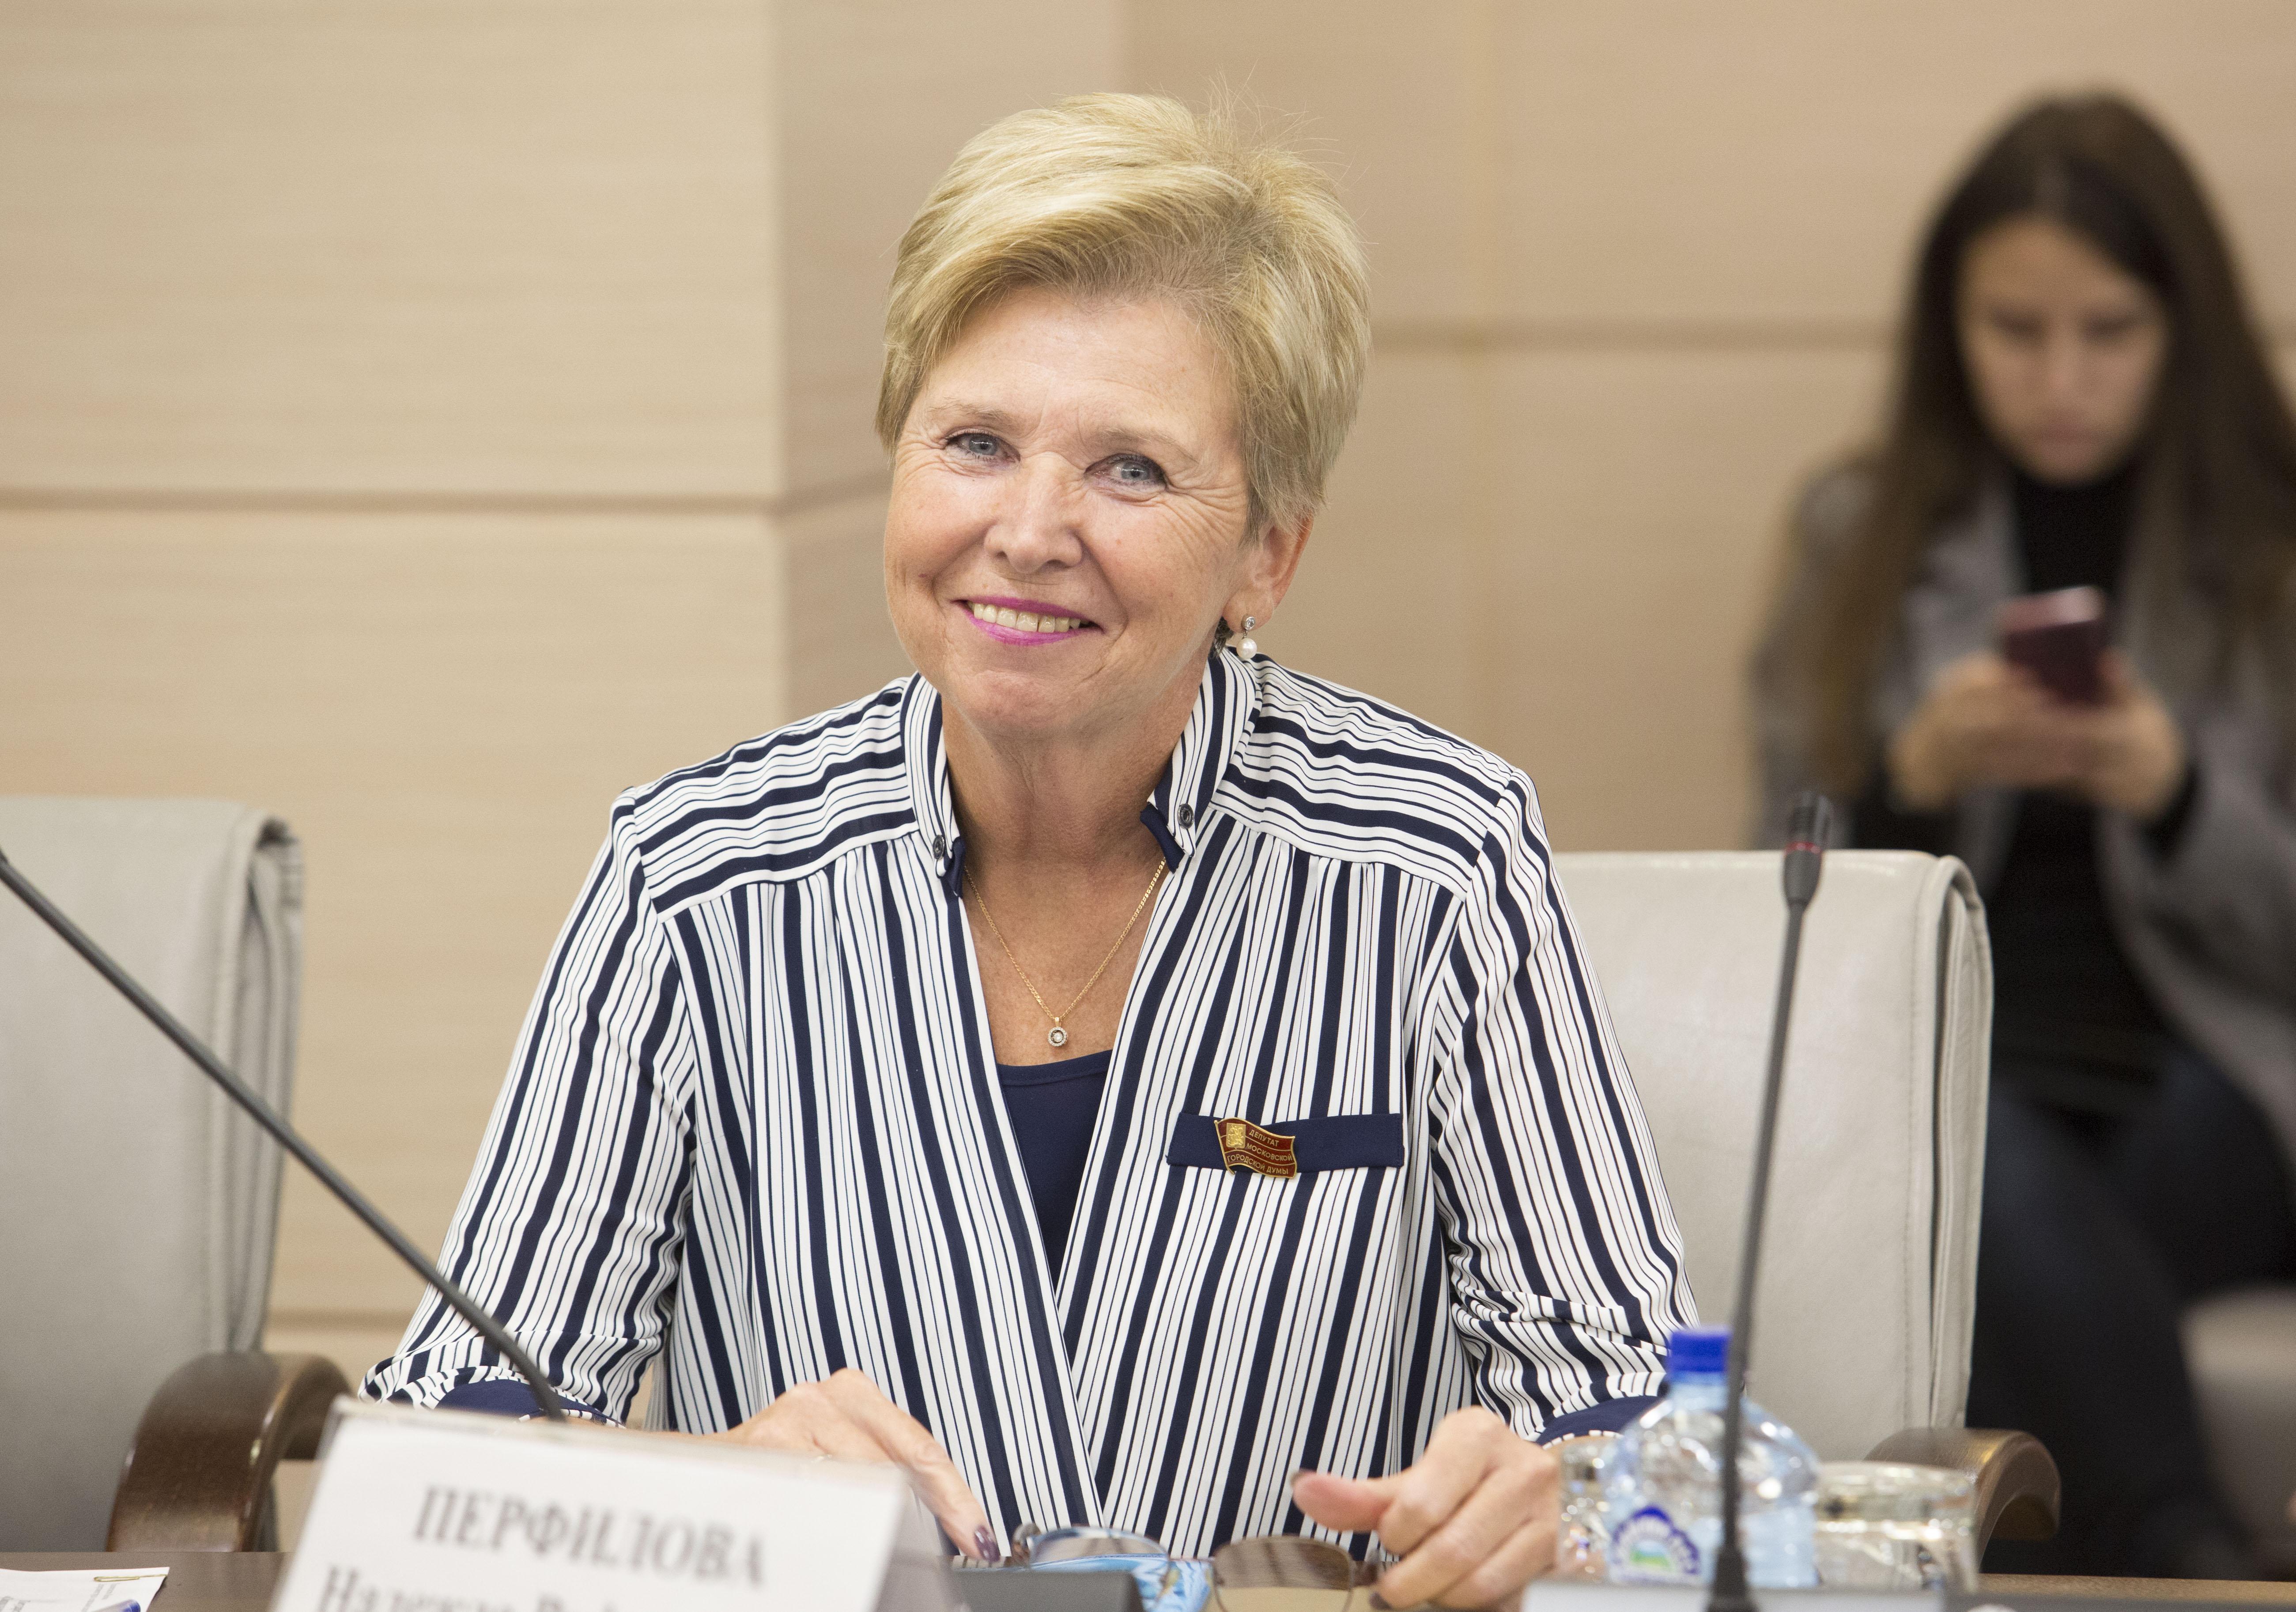 На фото депутат МГД Надежда Перфилова